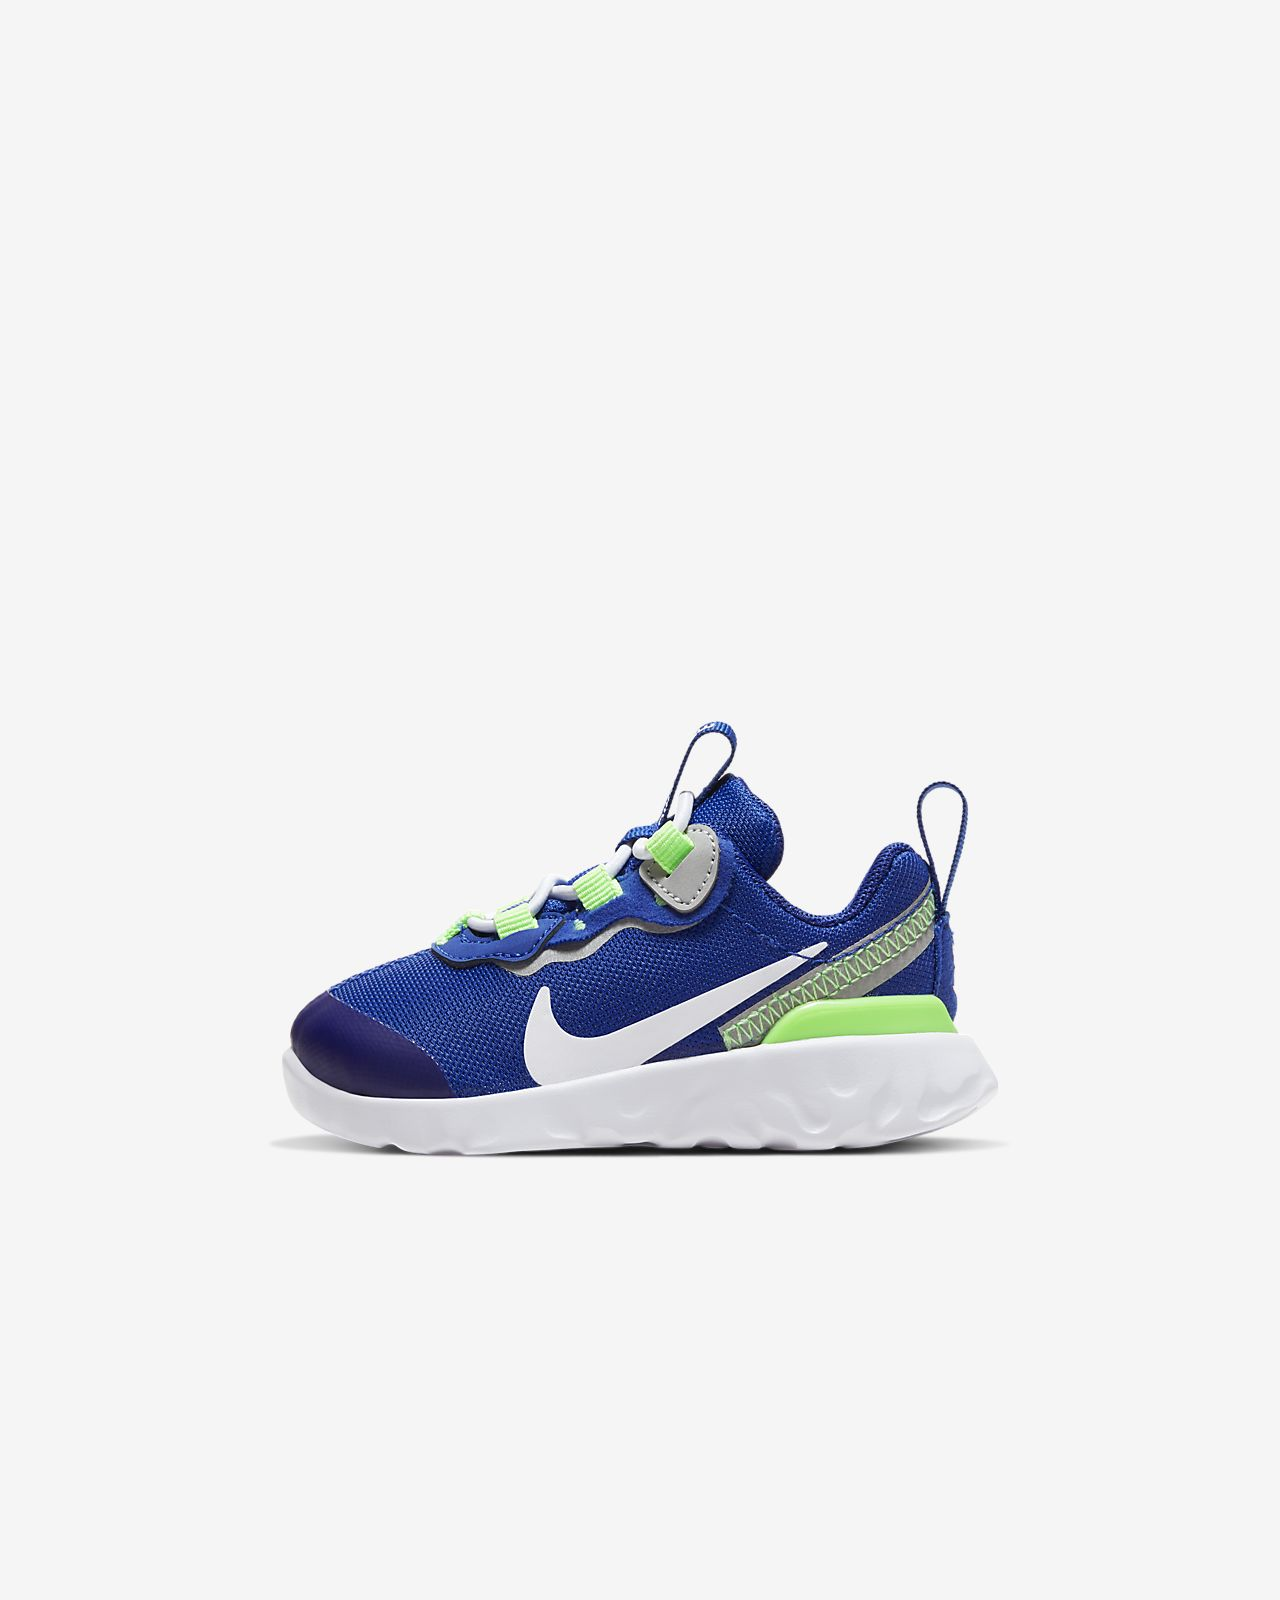 Calzado para bebé e infantil Nike Element 55